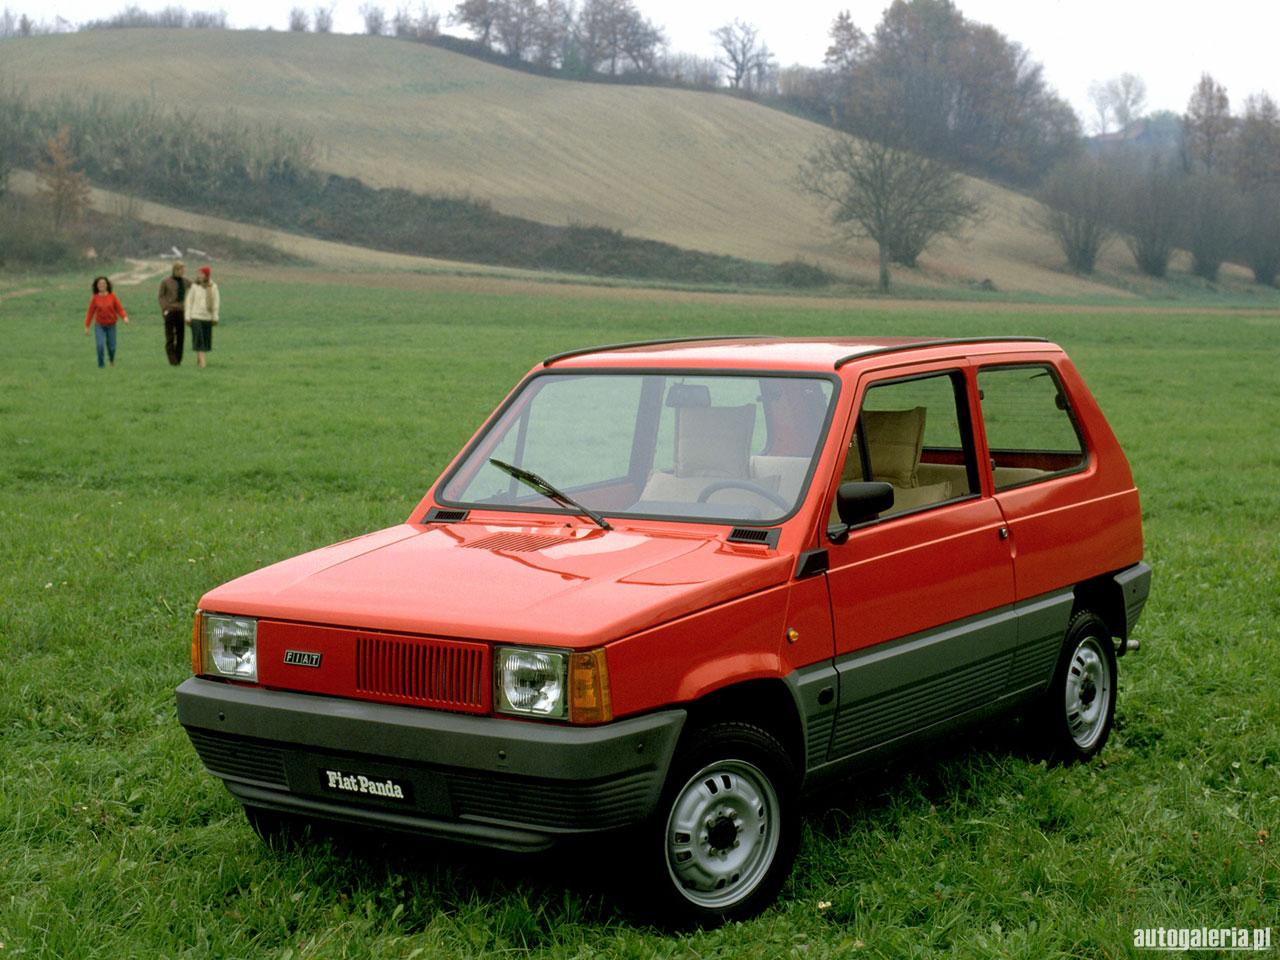 FIAT PANDA 1980 1 SERIE